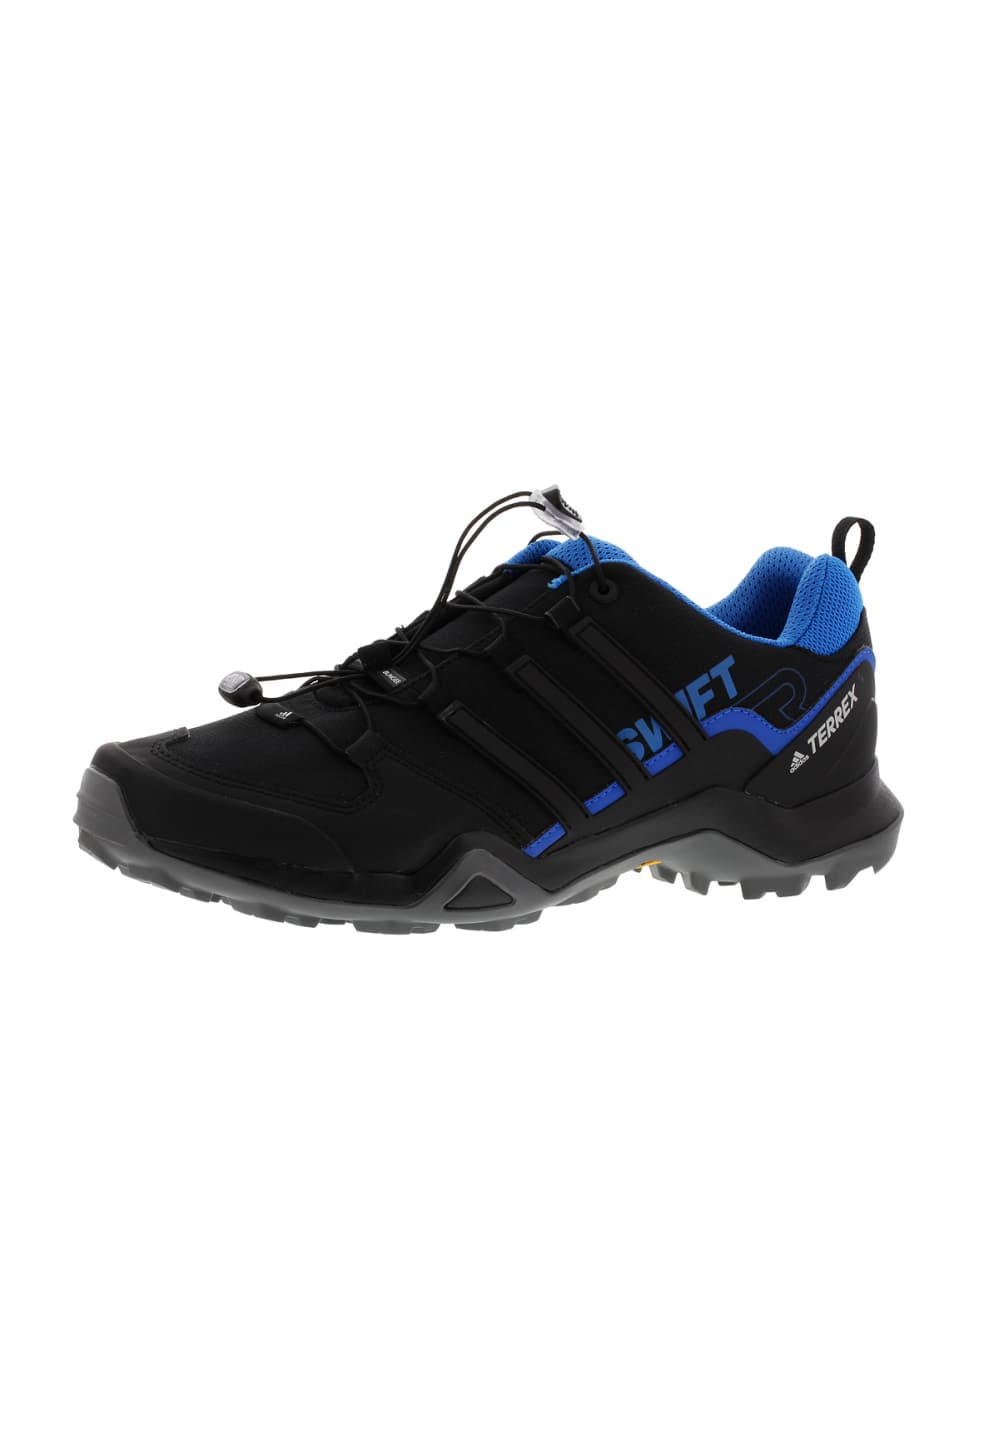 Adidas Pour Homme Terrex Chaussures Noir Running R2 Swift GqUpSVLzM